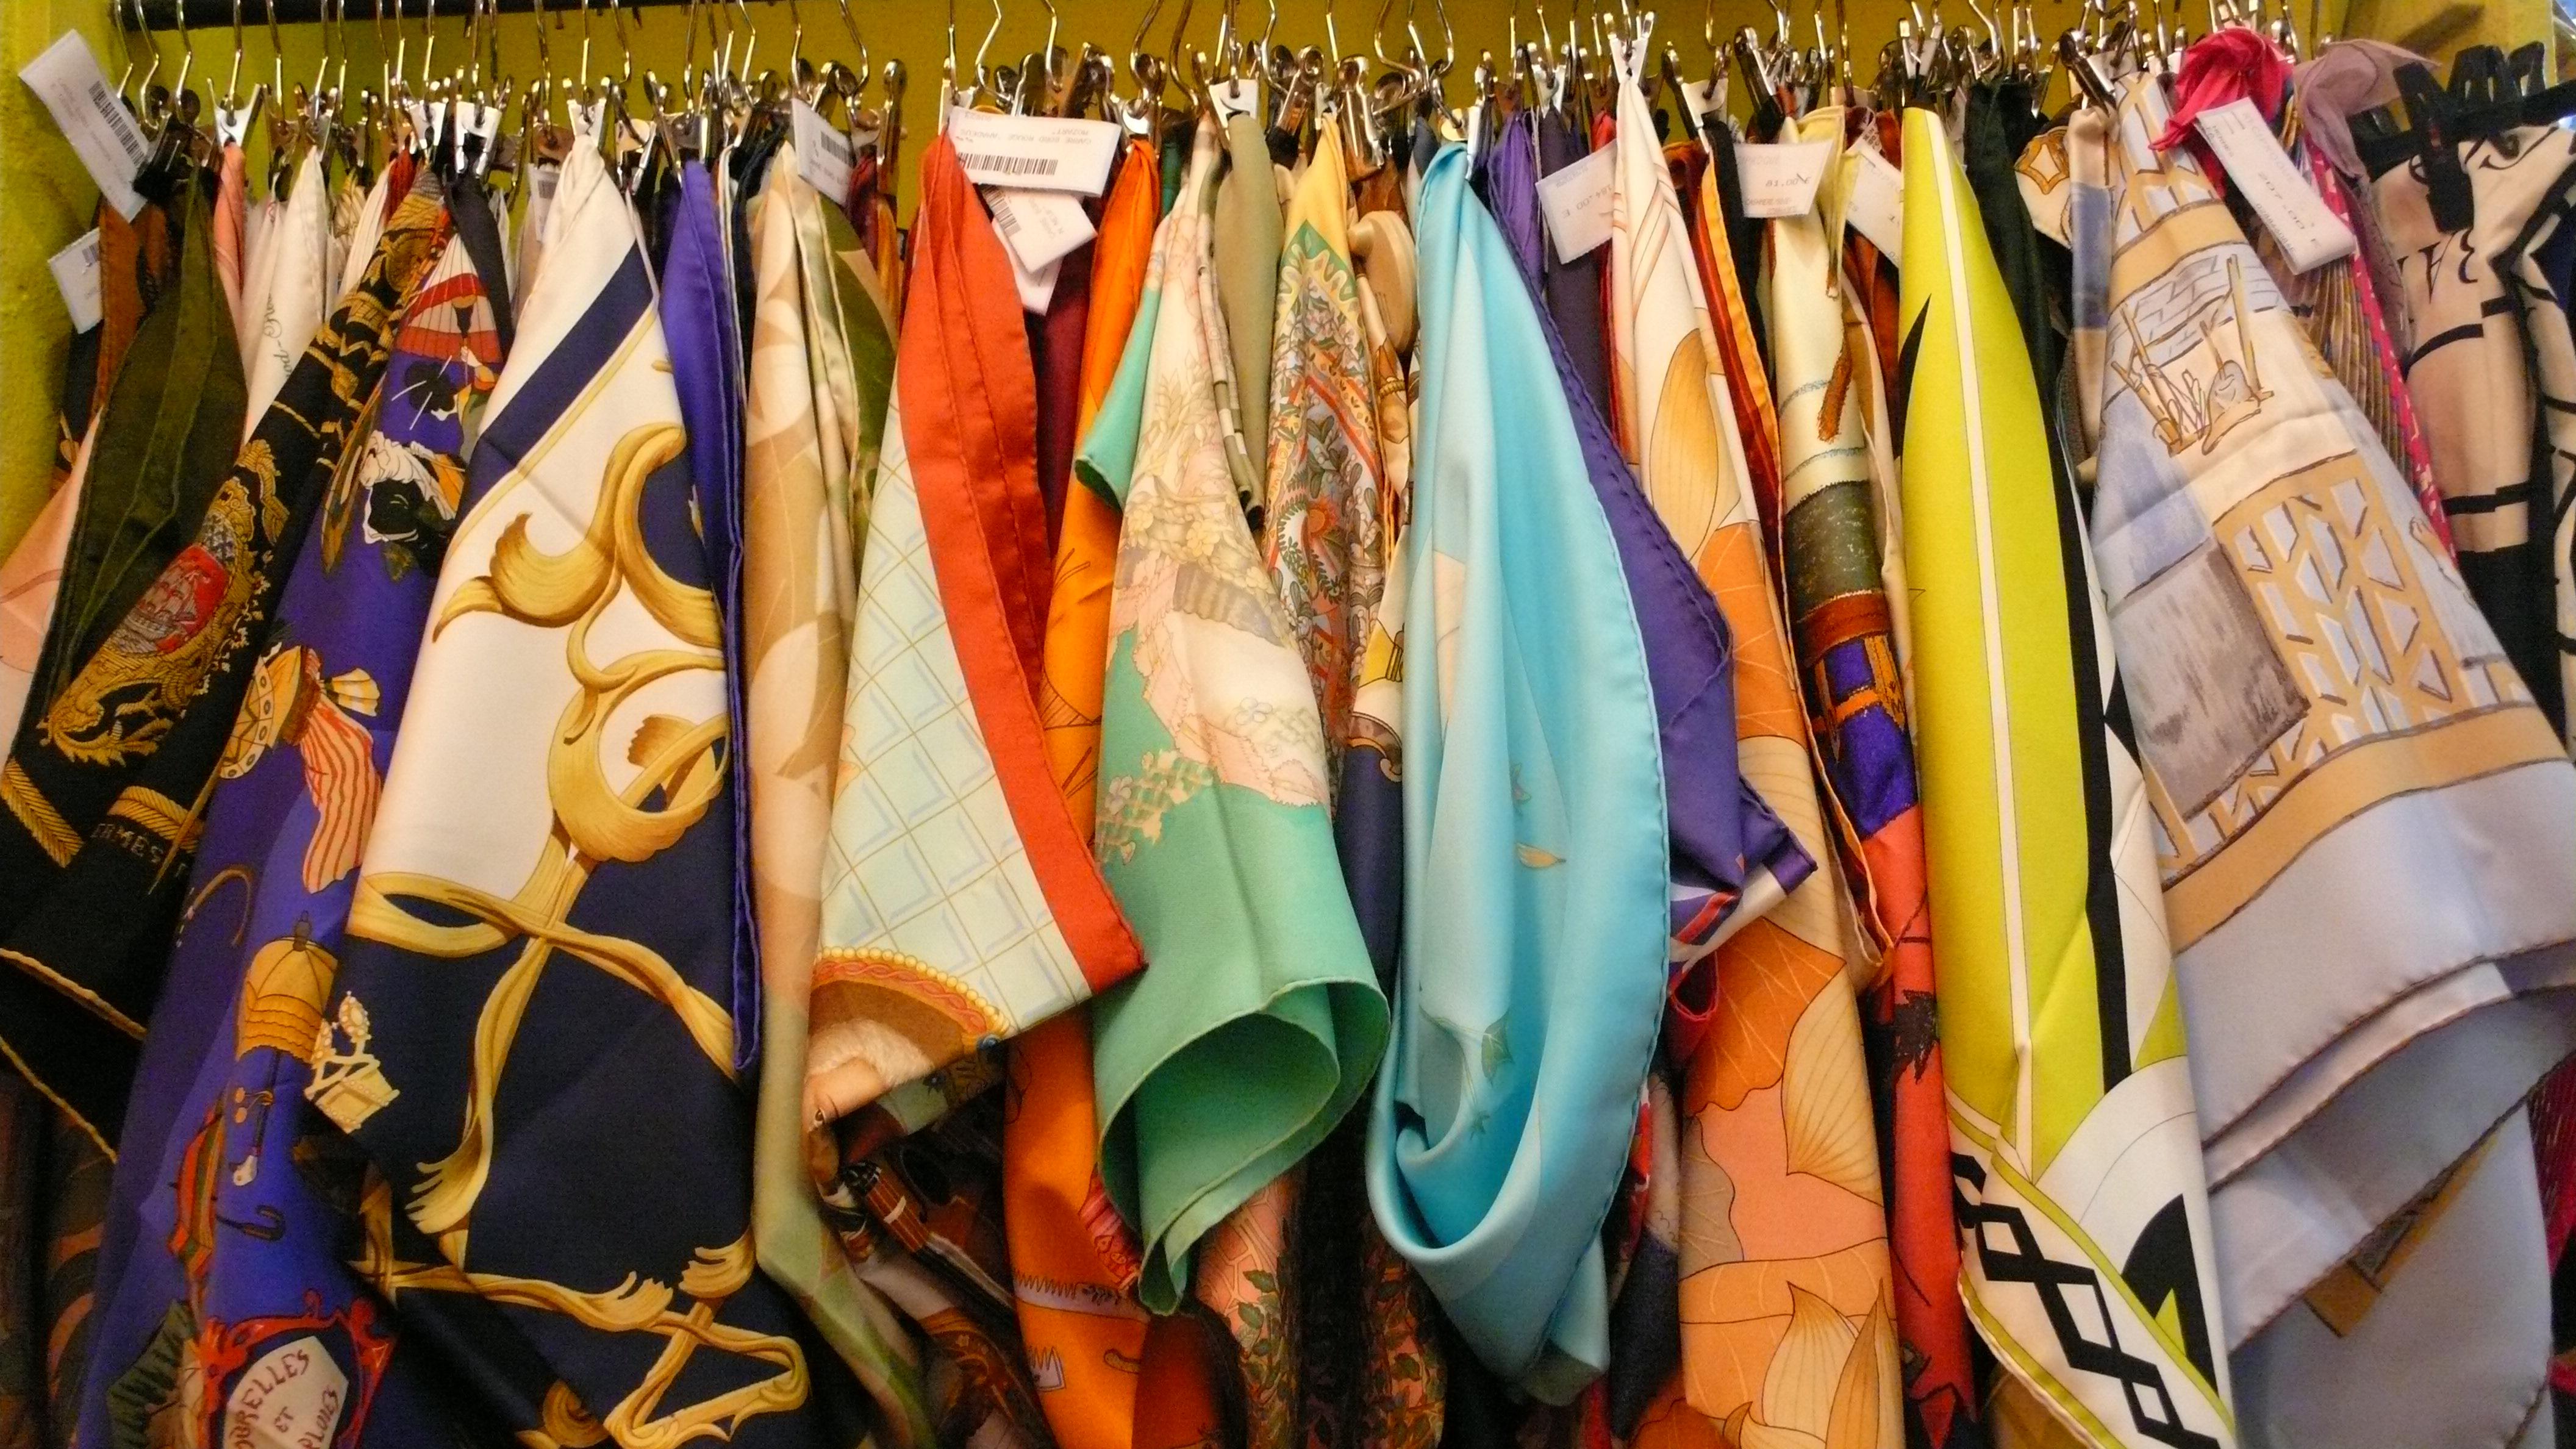 hermes inspired scarves